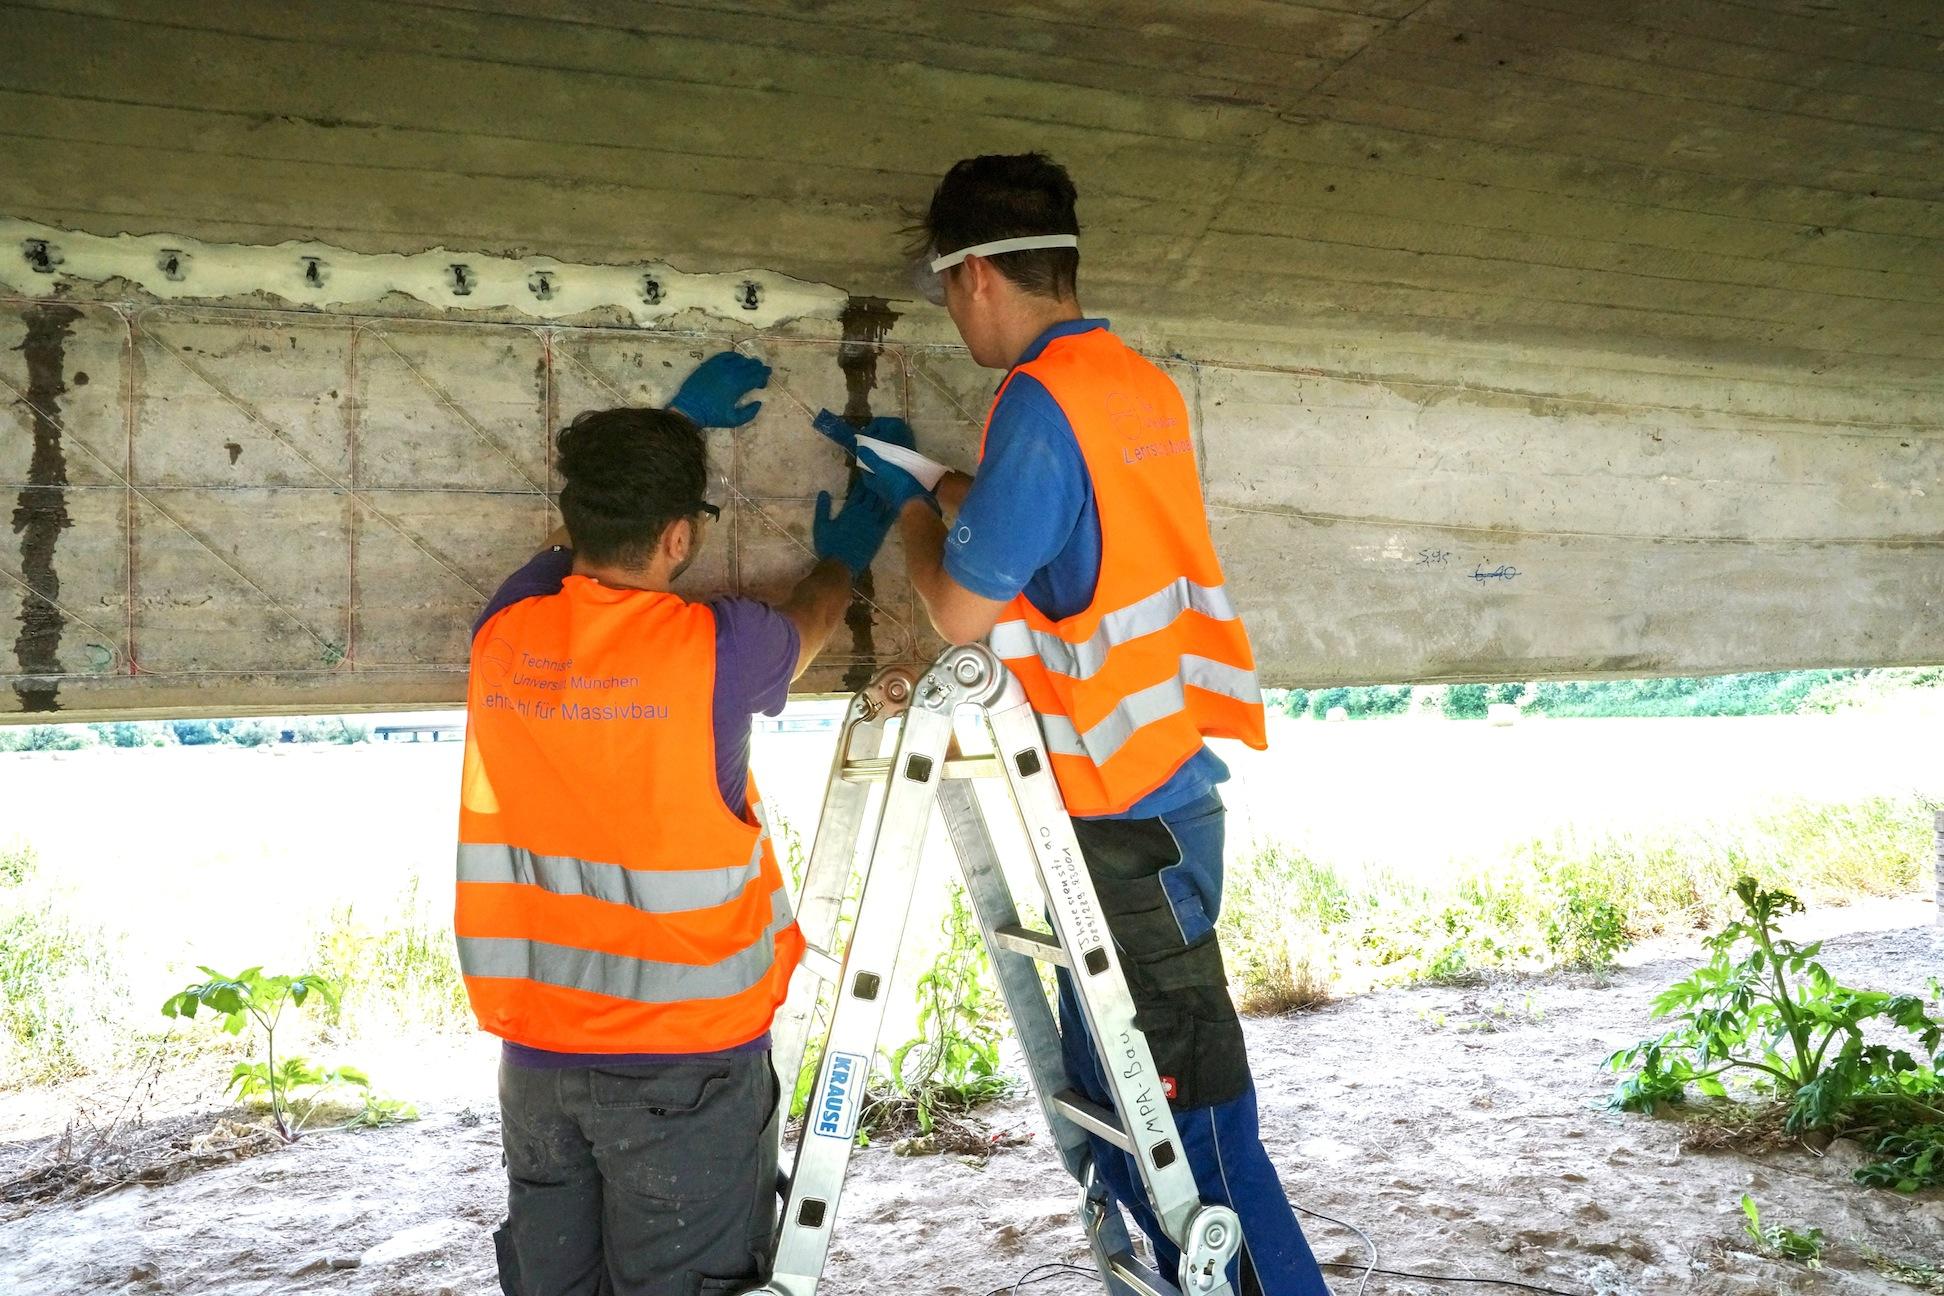 Das Messteam der TU München beim Aufkleben der faseroptischen Sensoren auf den Beton der Saalebrücke. Anschließend wird die Brücke der Last schwerer Laster ausgesetzt, die Sensoren messen dann die Änderungen im Beton.